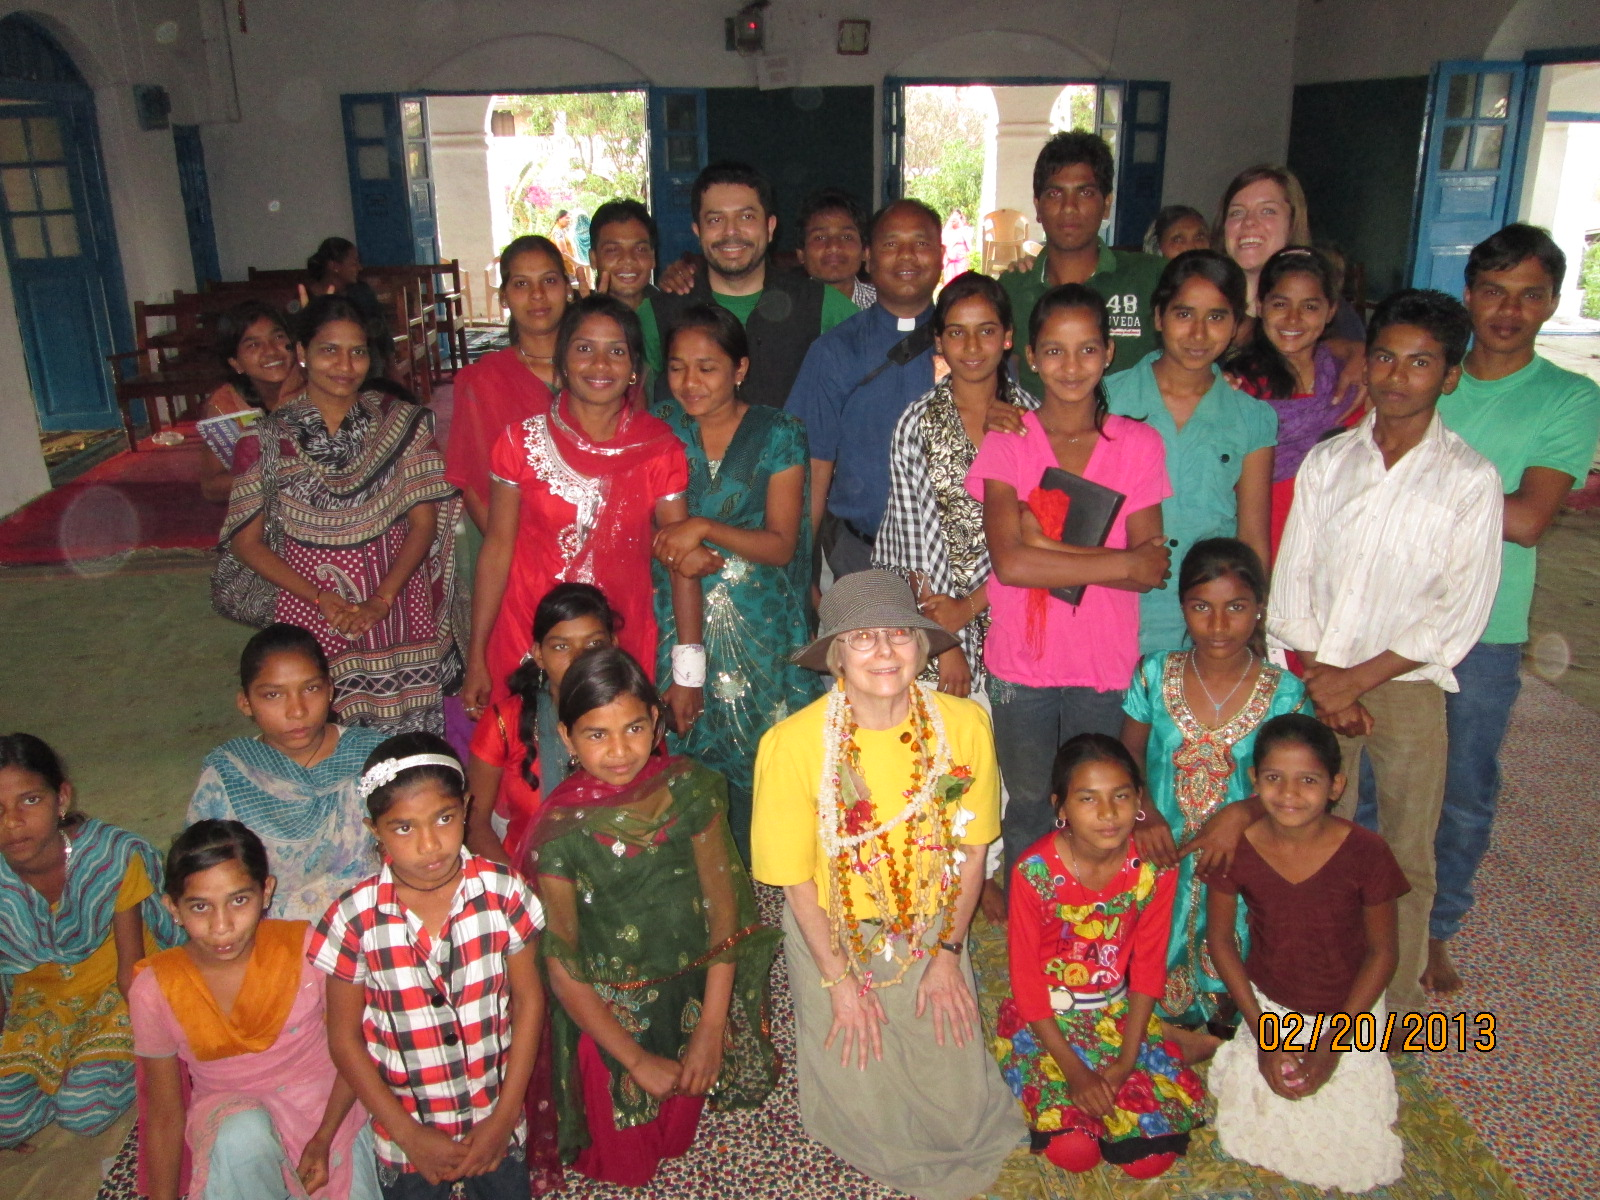 Amkhut, India